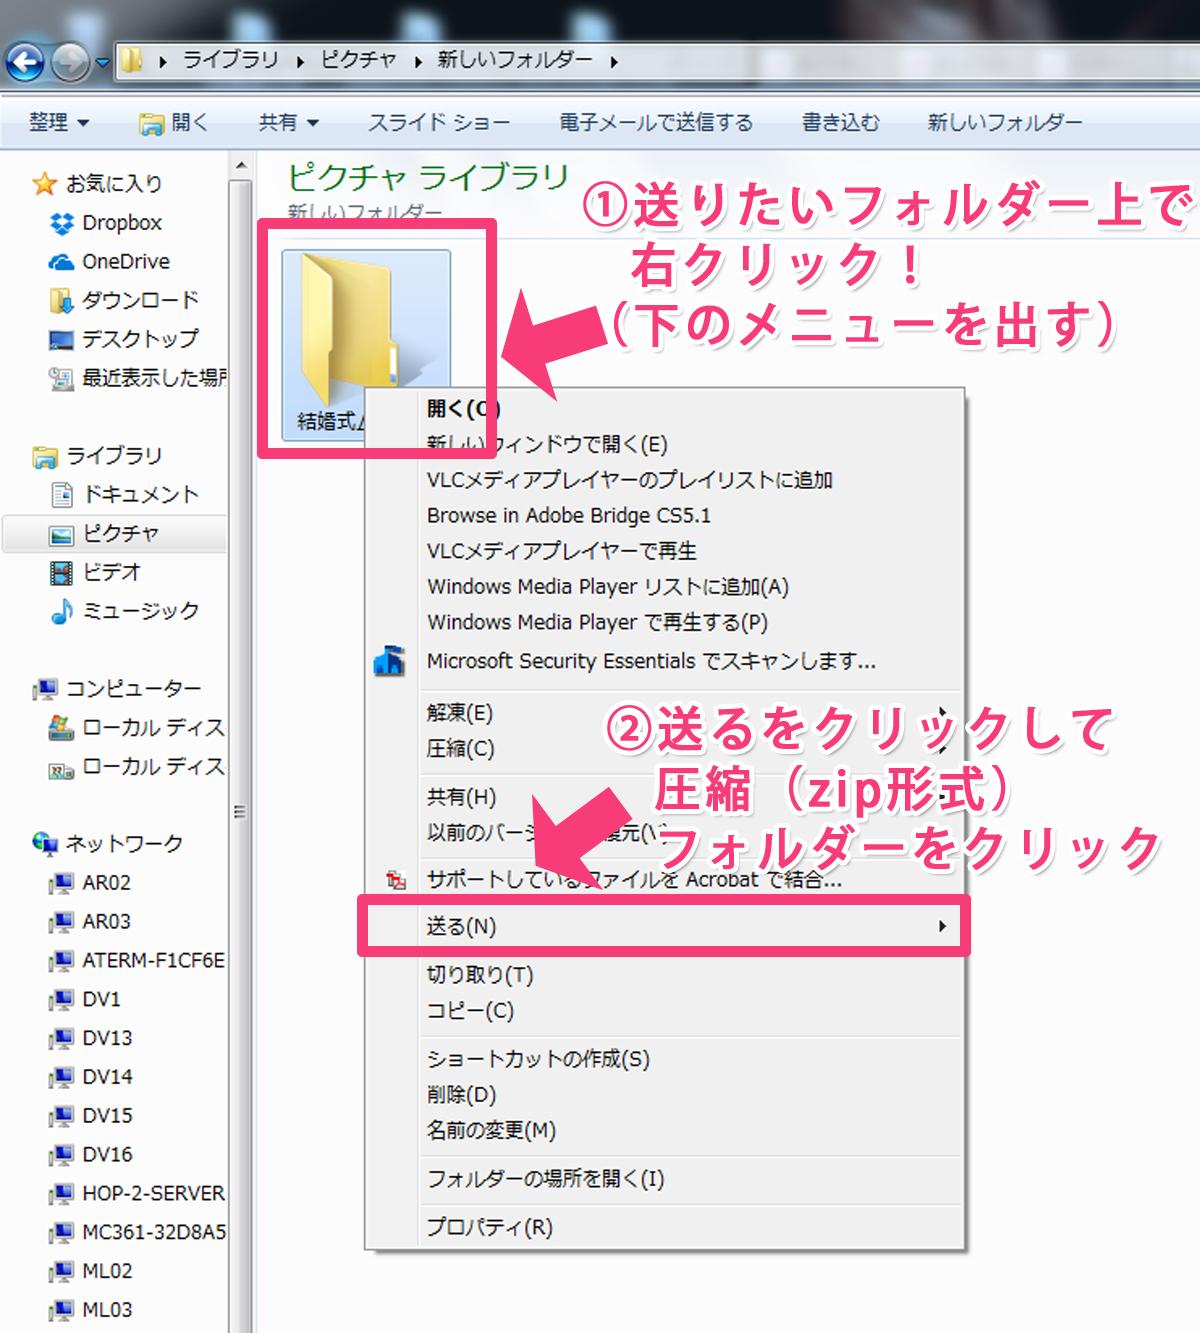 ギガ ファイル 便 保存 方法